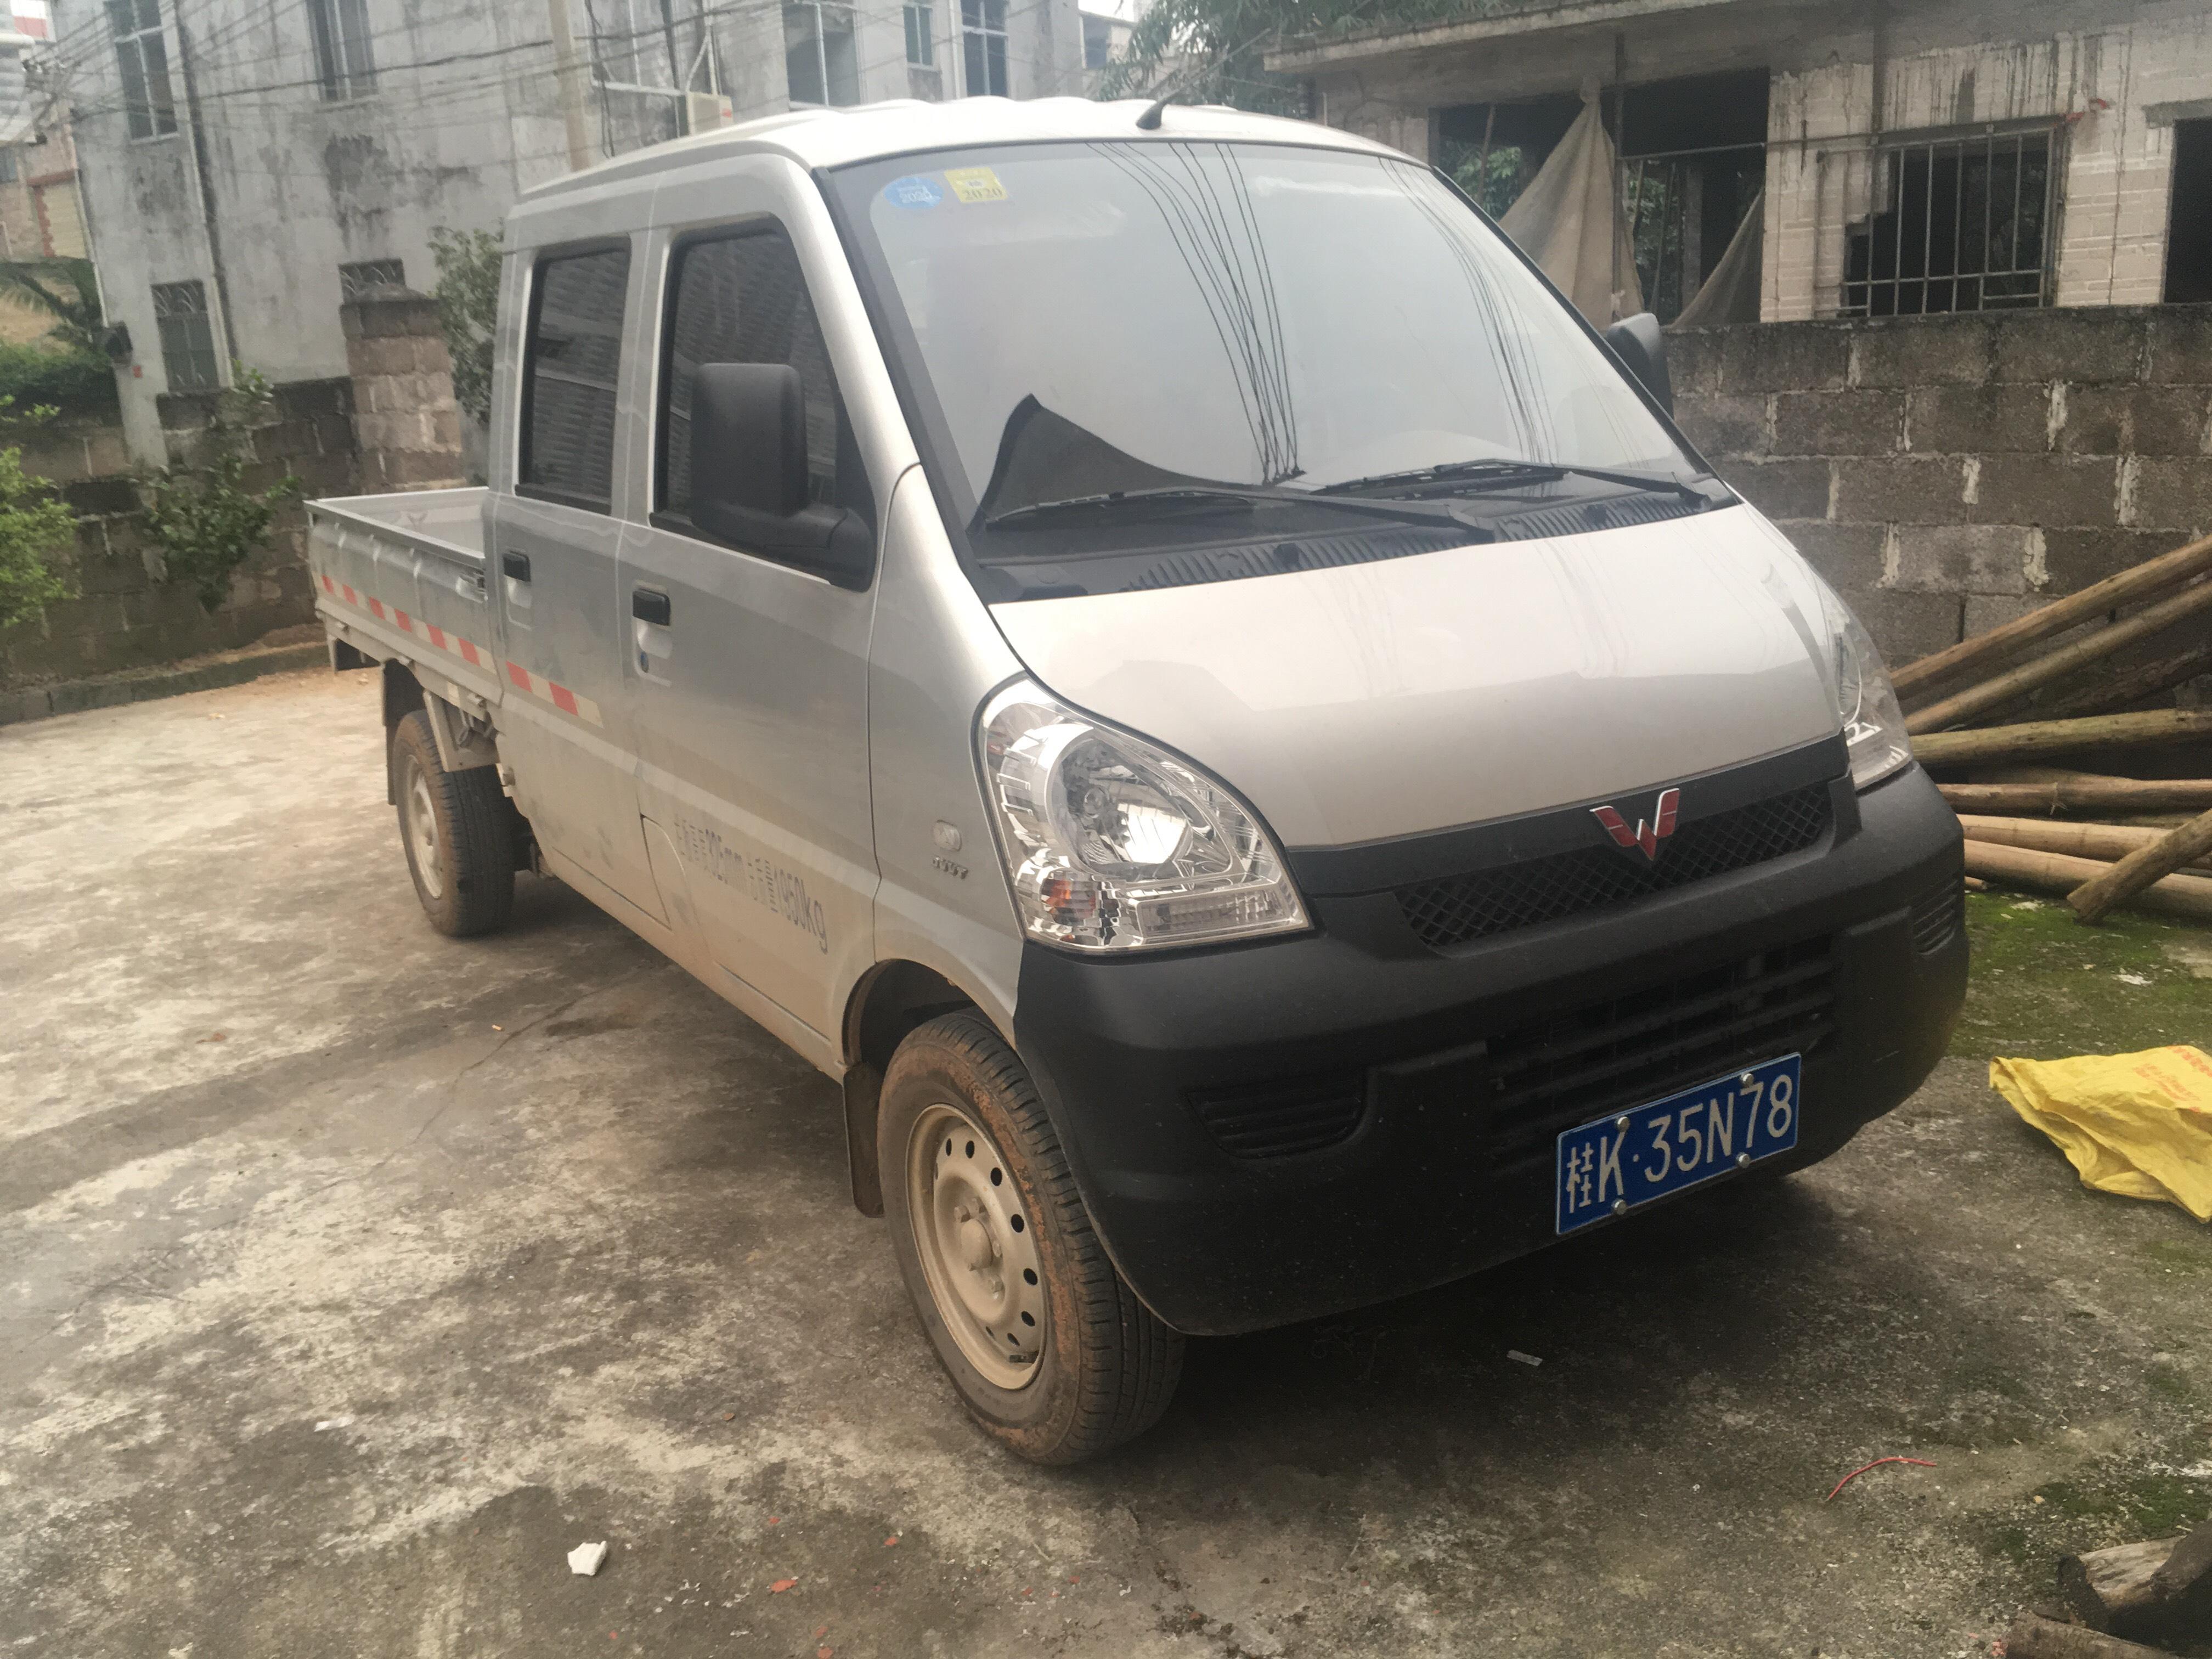 广东省珠海市到广西壮族自治区 低栏车 空车配货